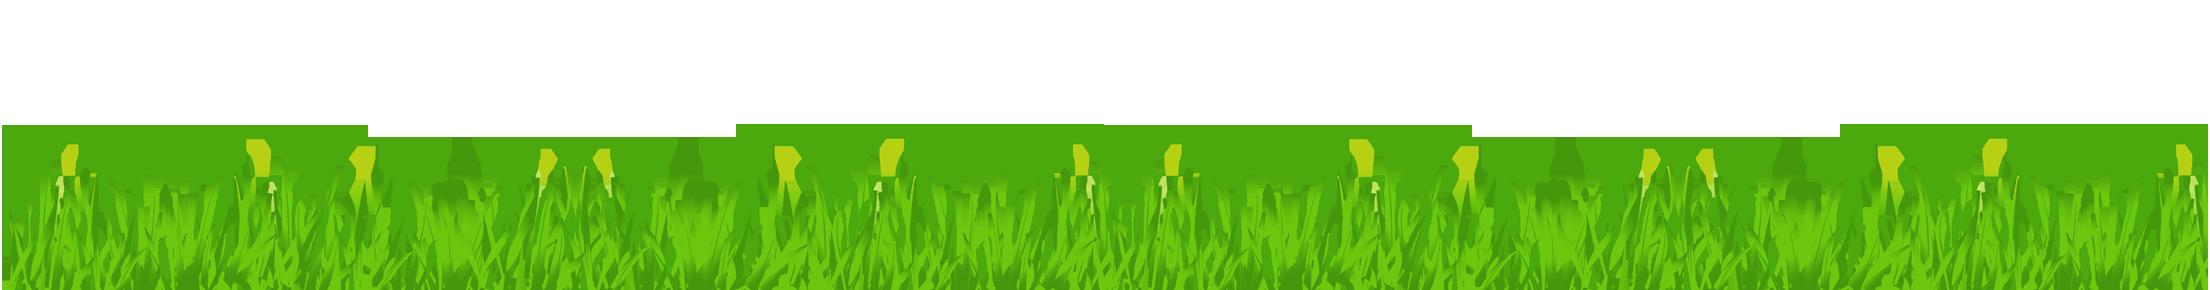 Clipart pinterest grasses grasspngclipartpng. Grass border png